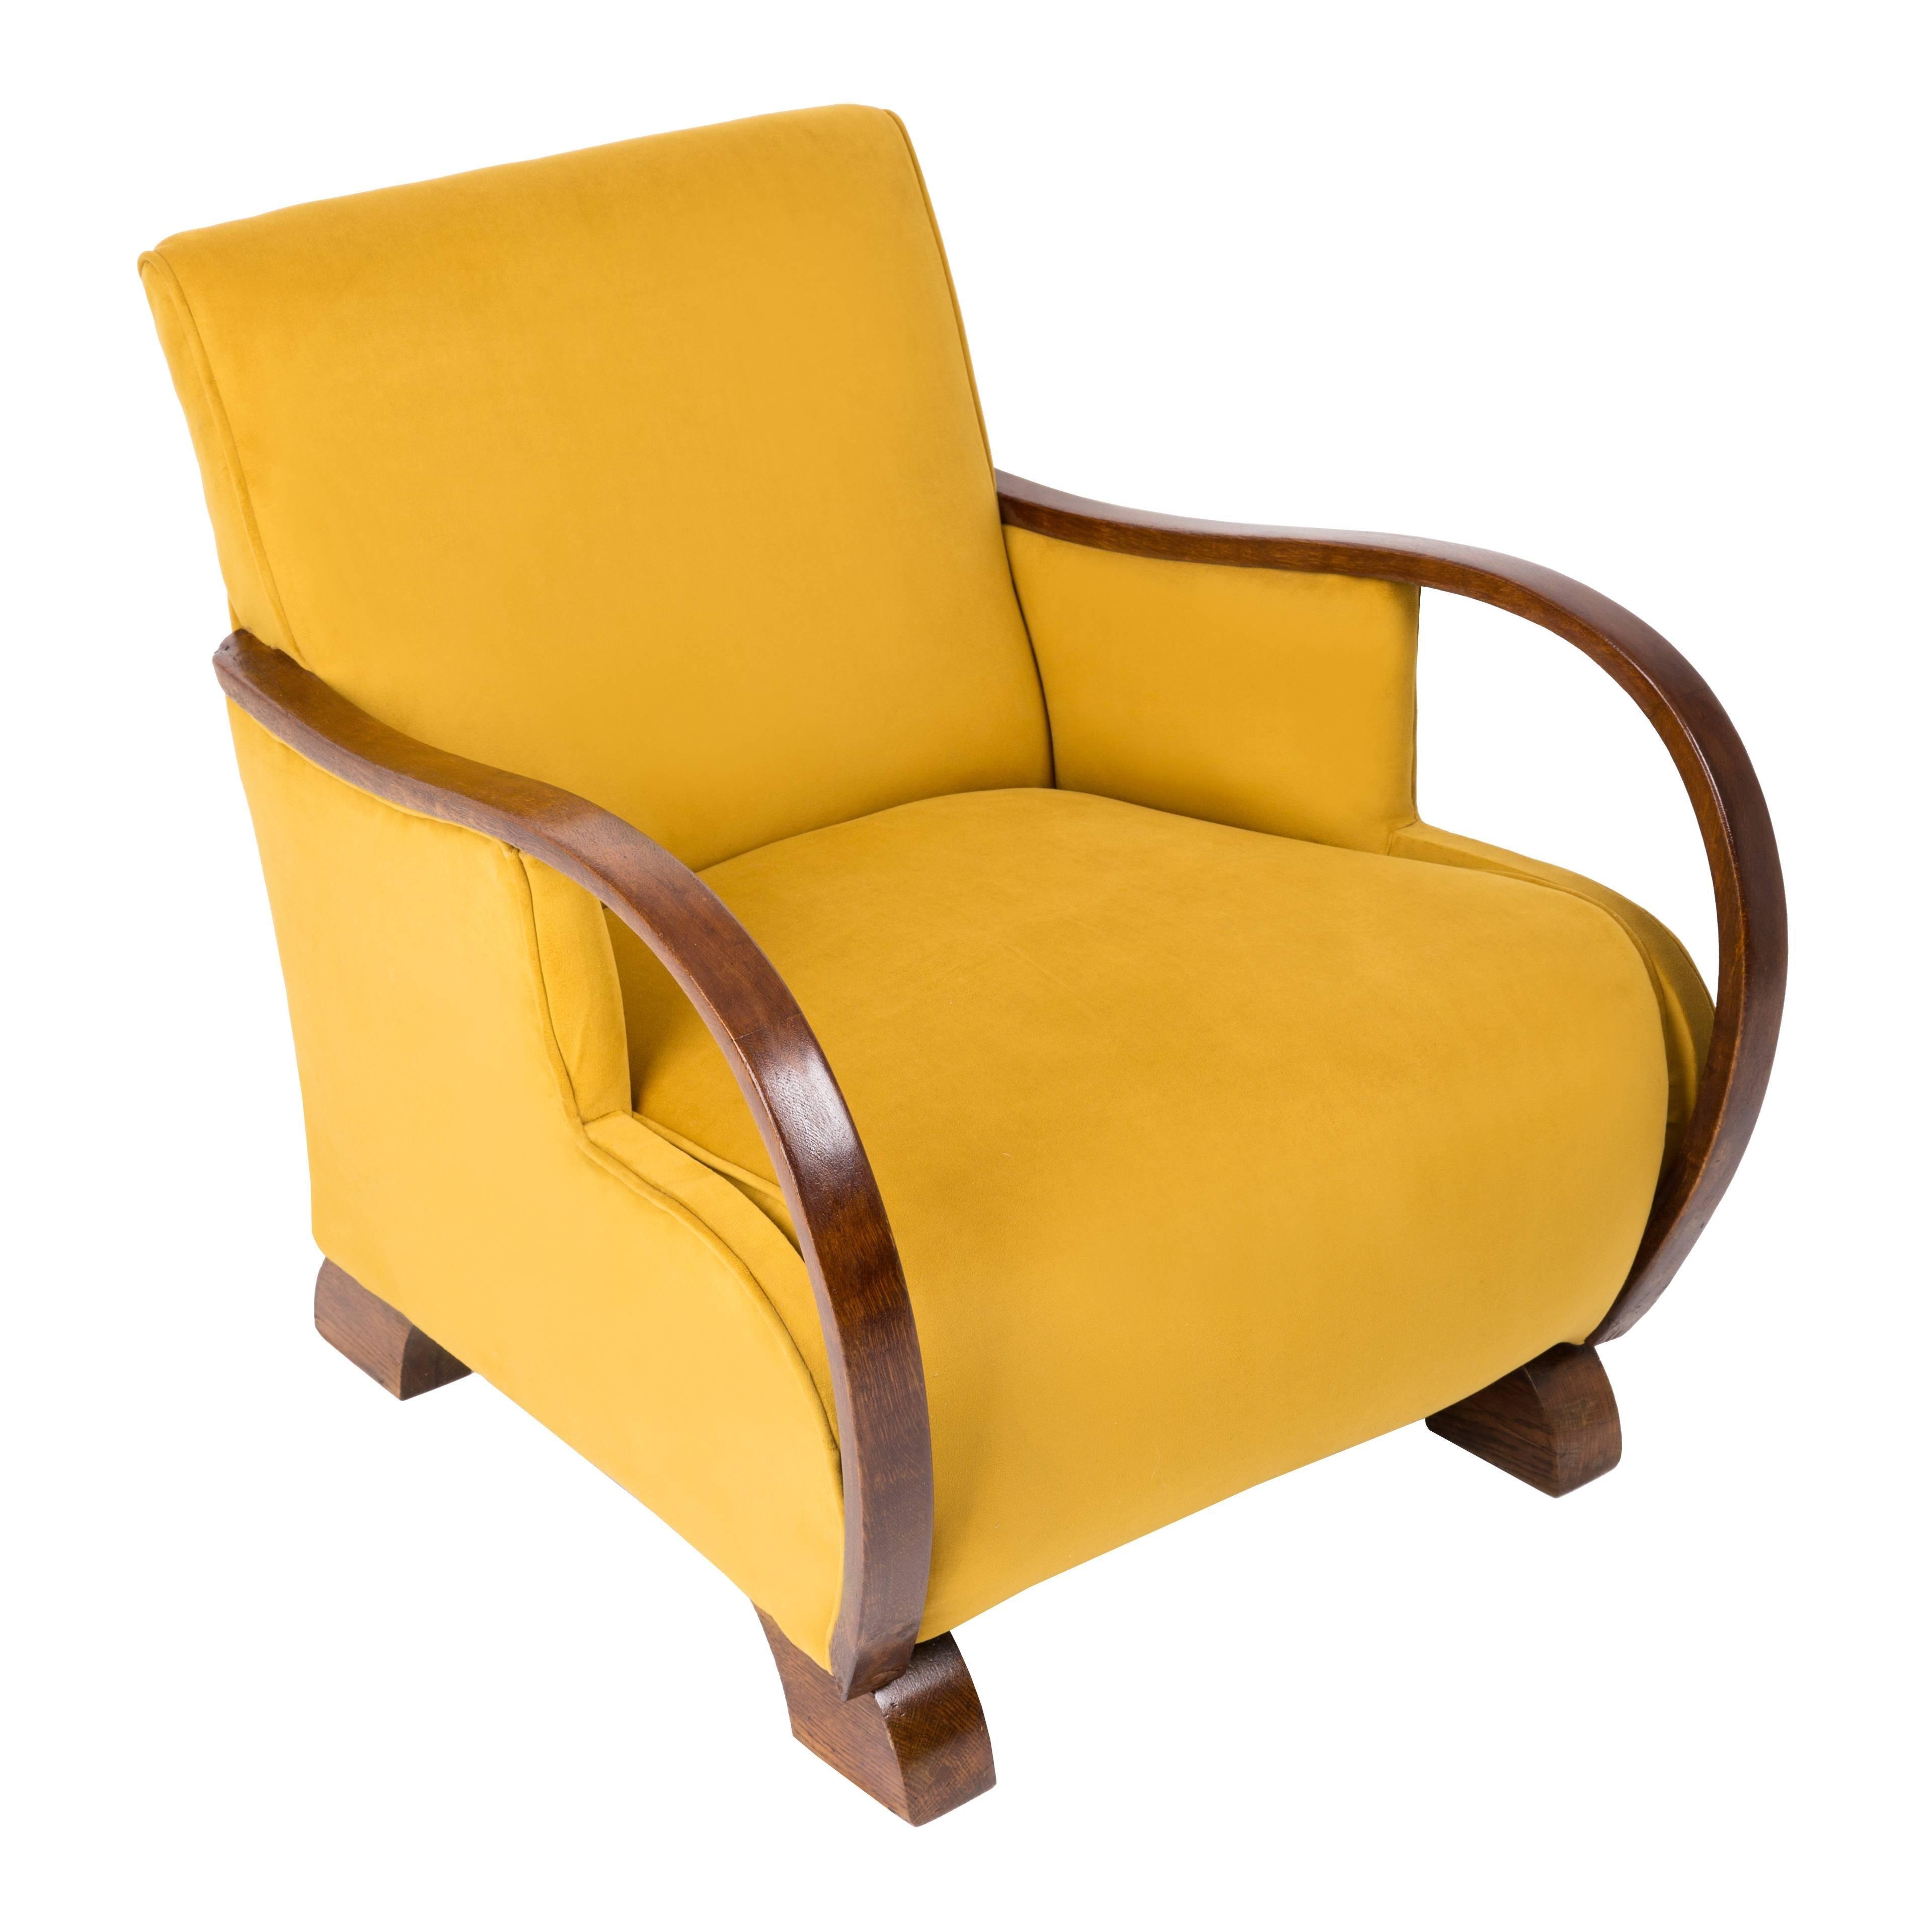 Bon Art Deco, Vintage Yellow Big Armchair, 1920s For Sale